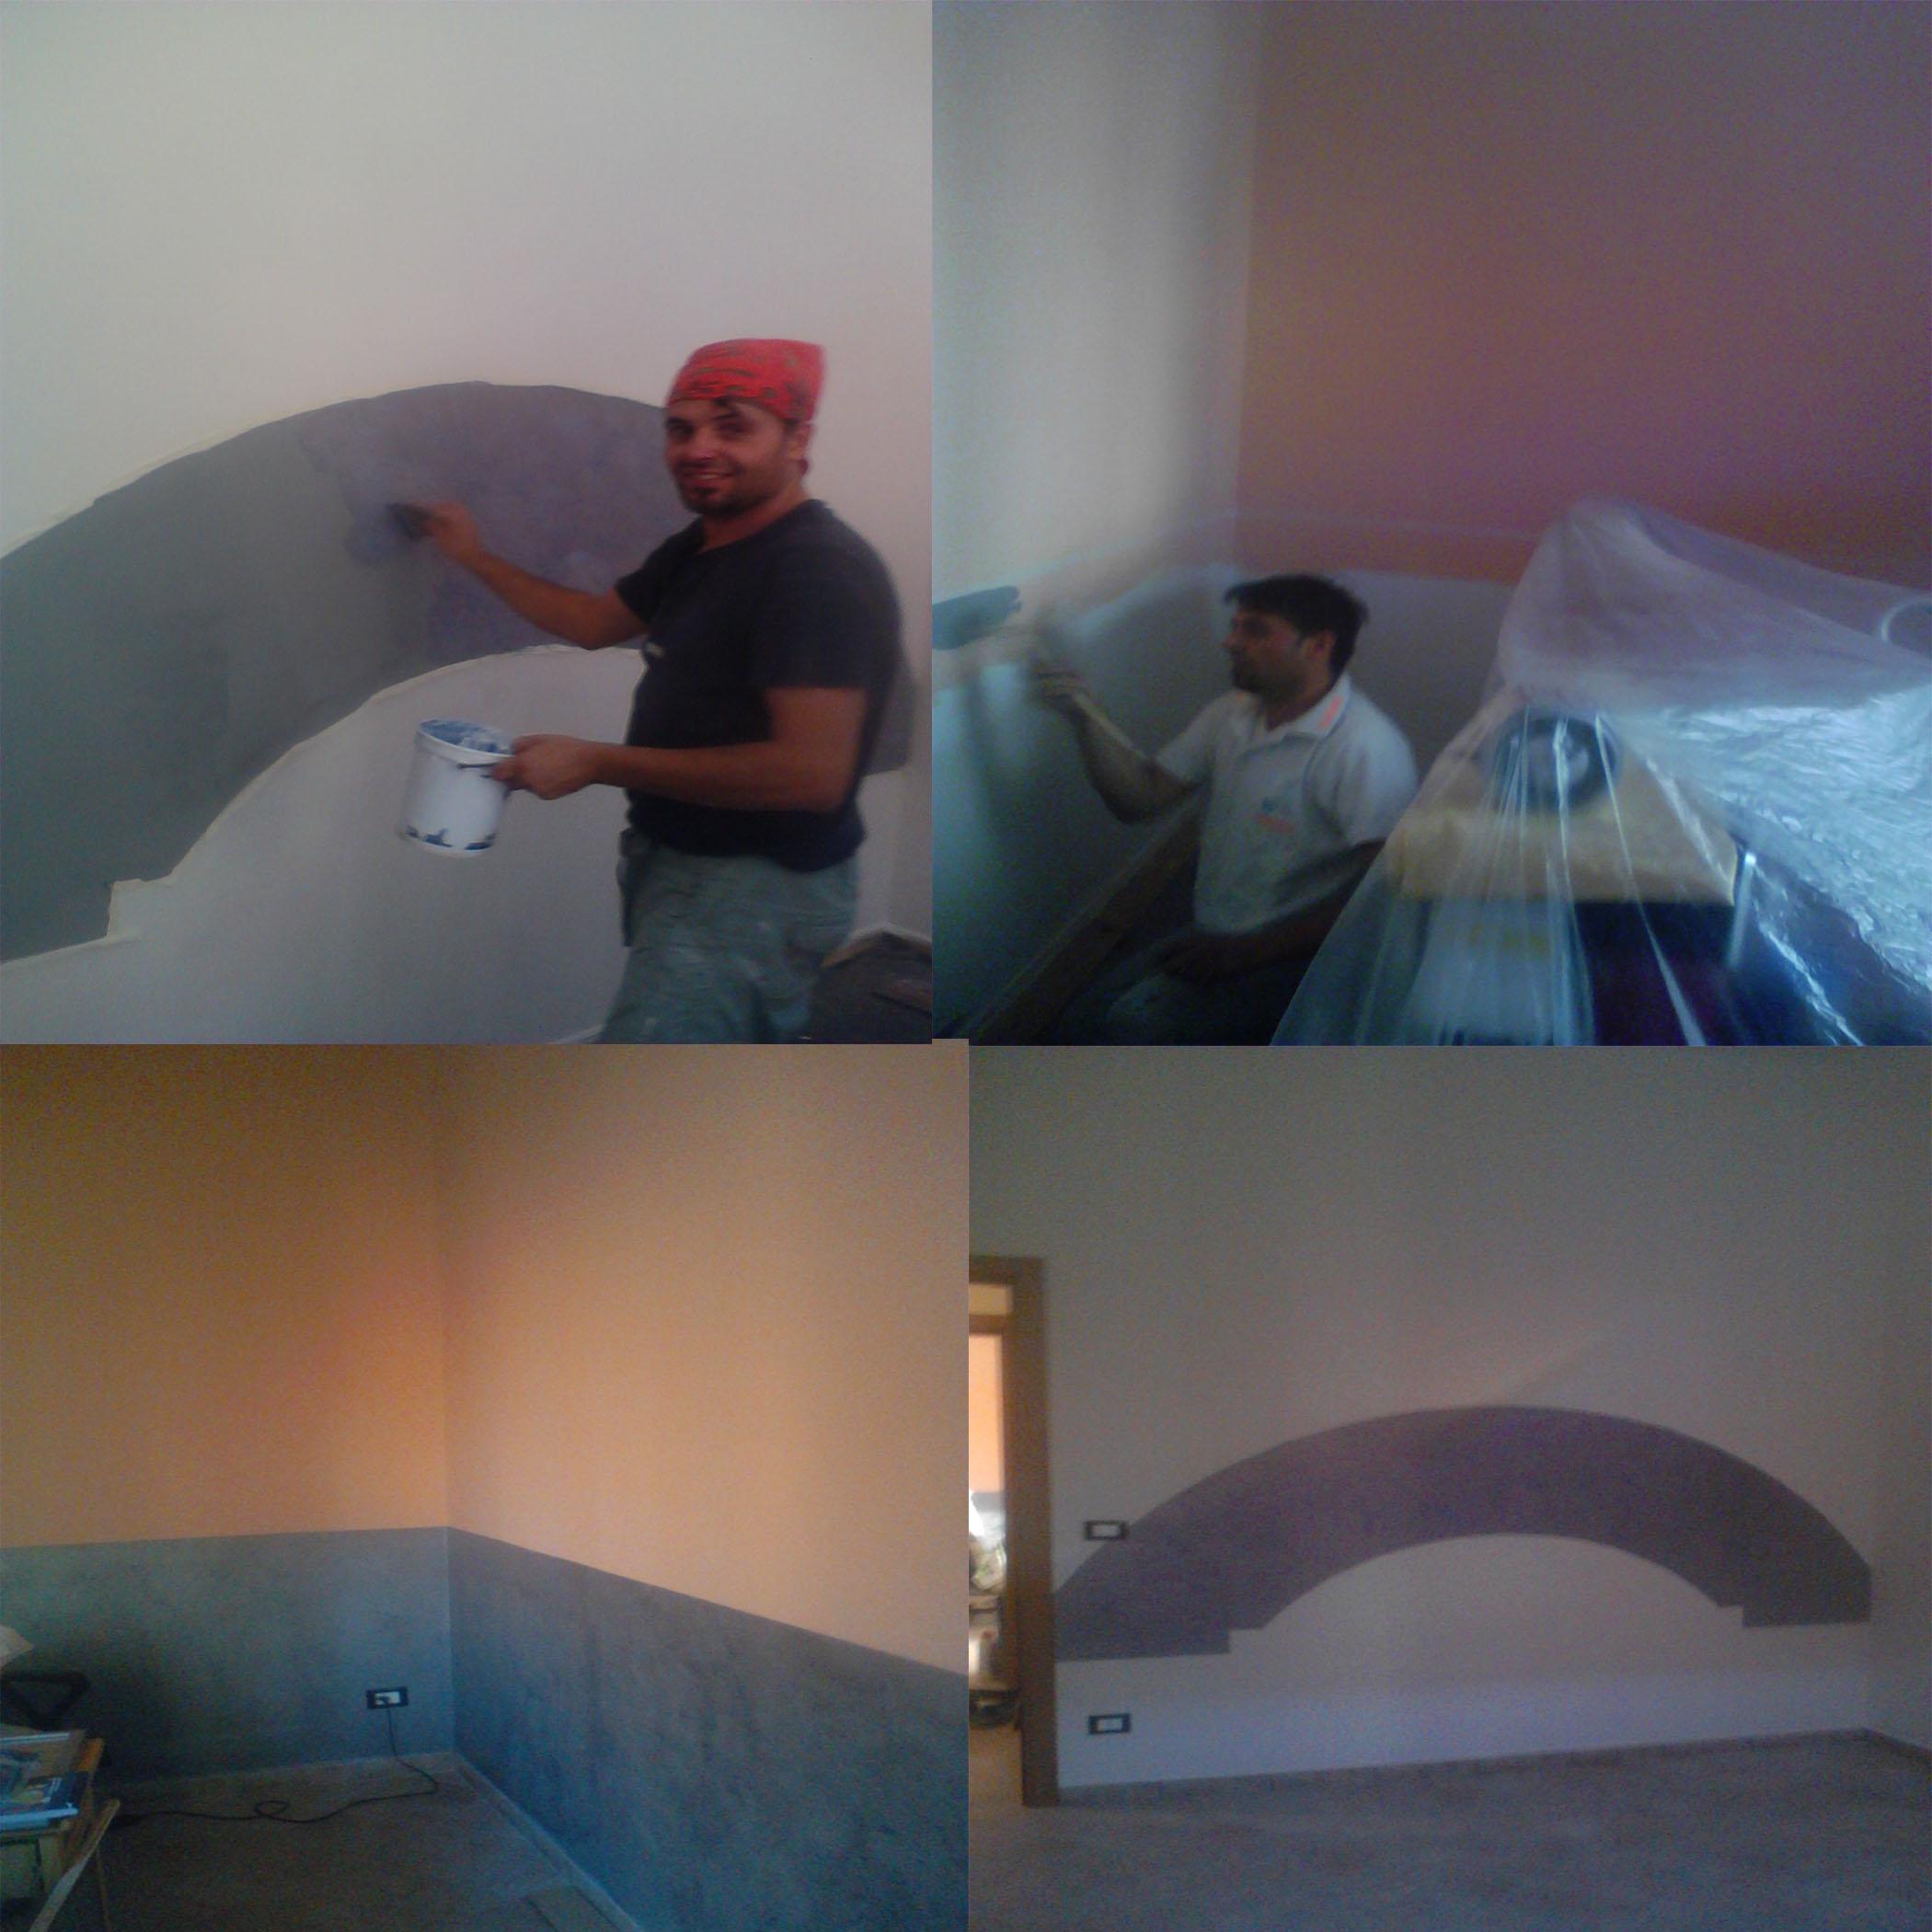 Decorazioni interni casa tecniche di pareti interne con pitture esterne e decorazione edifici - Decorazioni pareti esterne casa ...